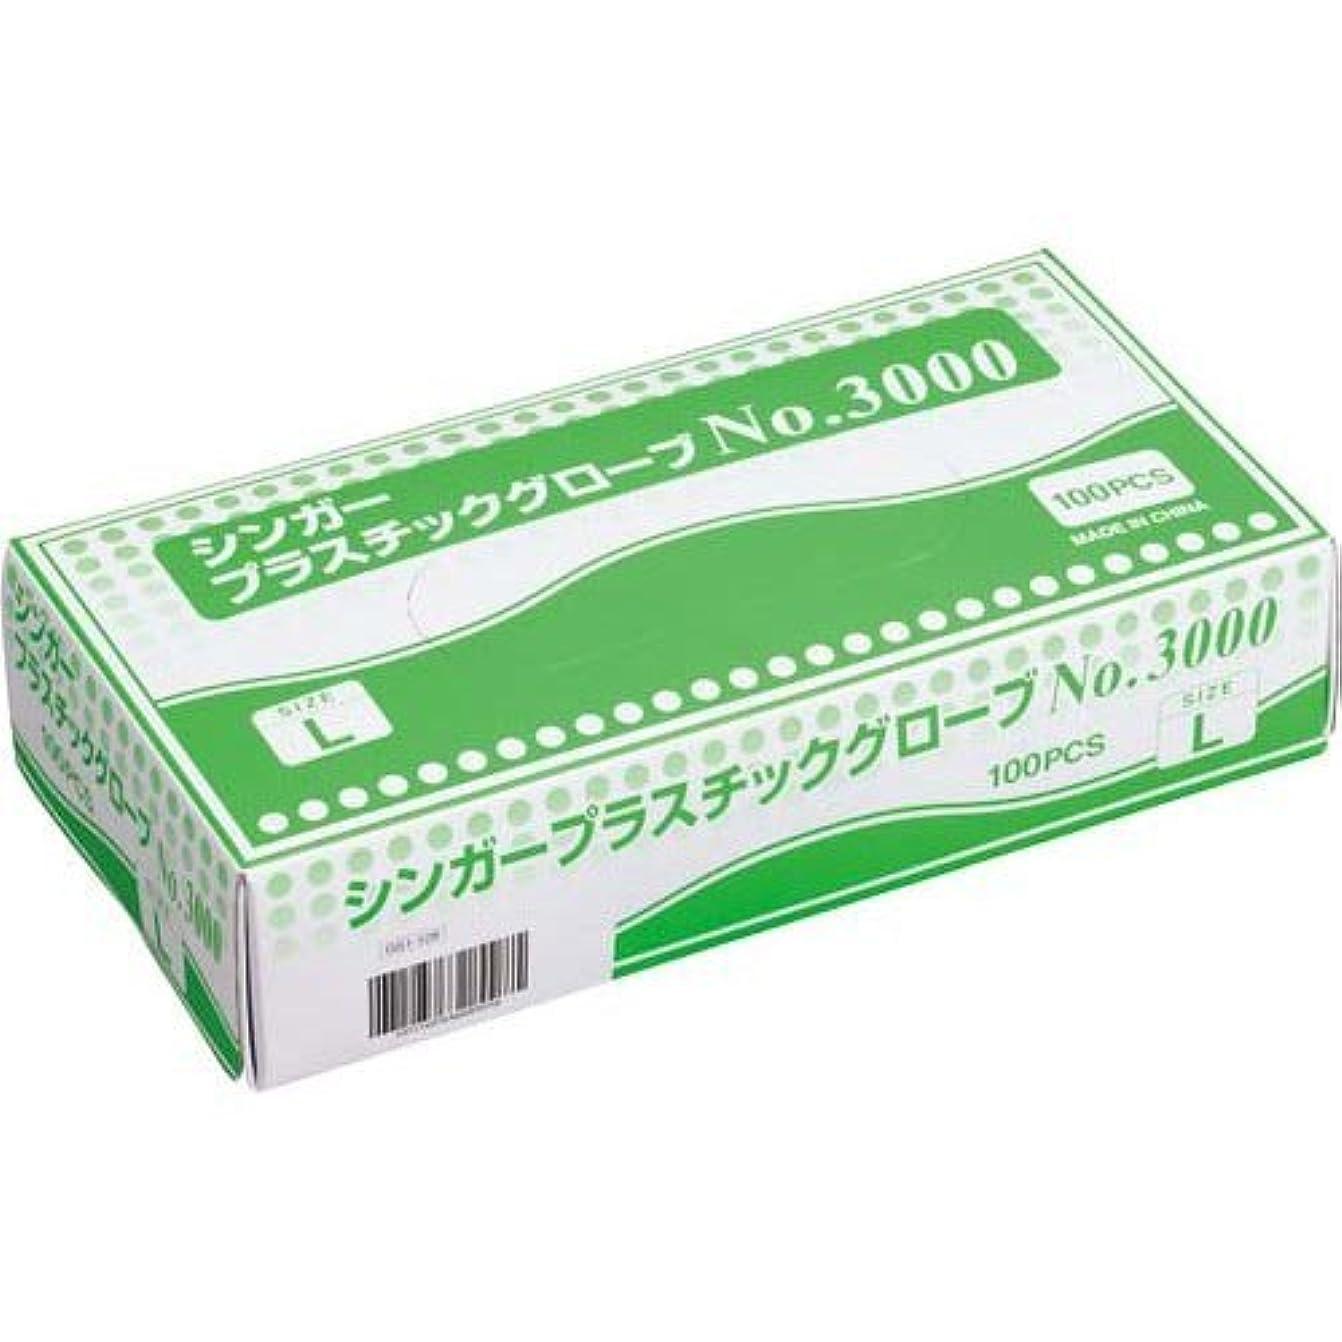 差別的レルム邪魔するプラスチックグローブNO.3000 L